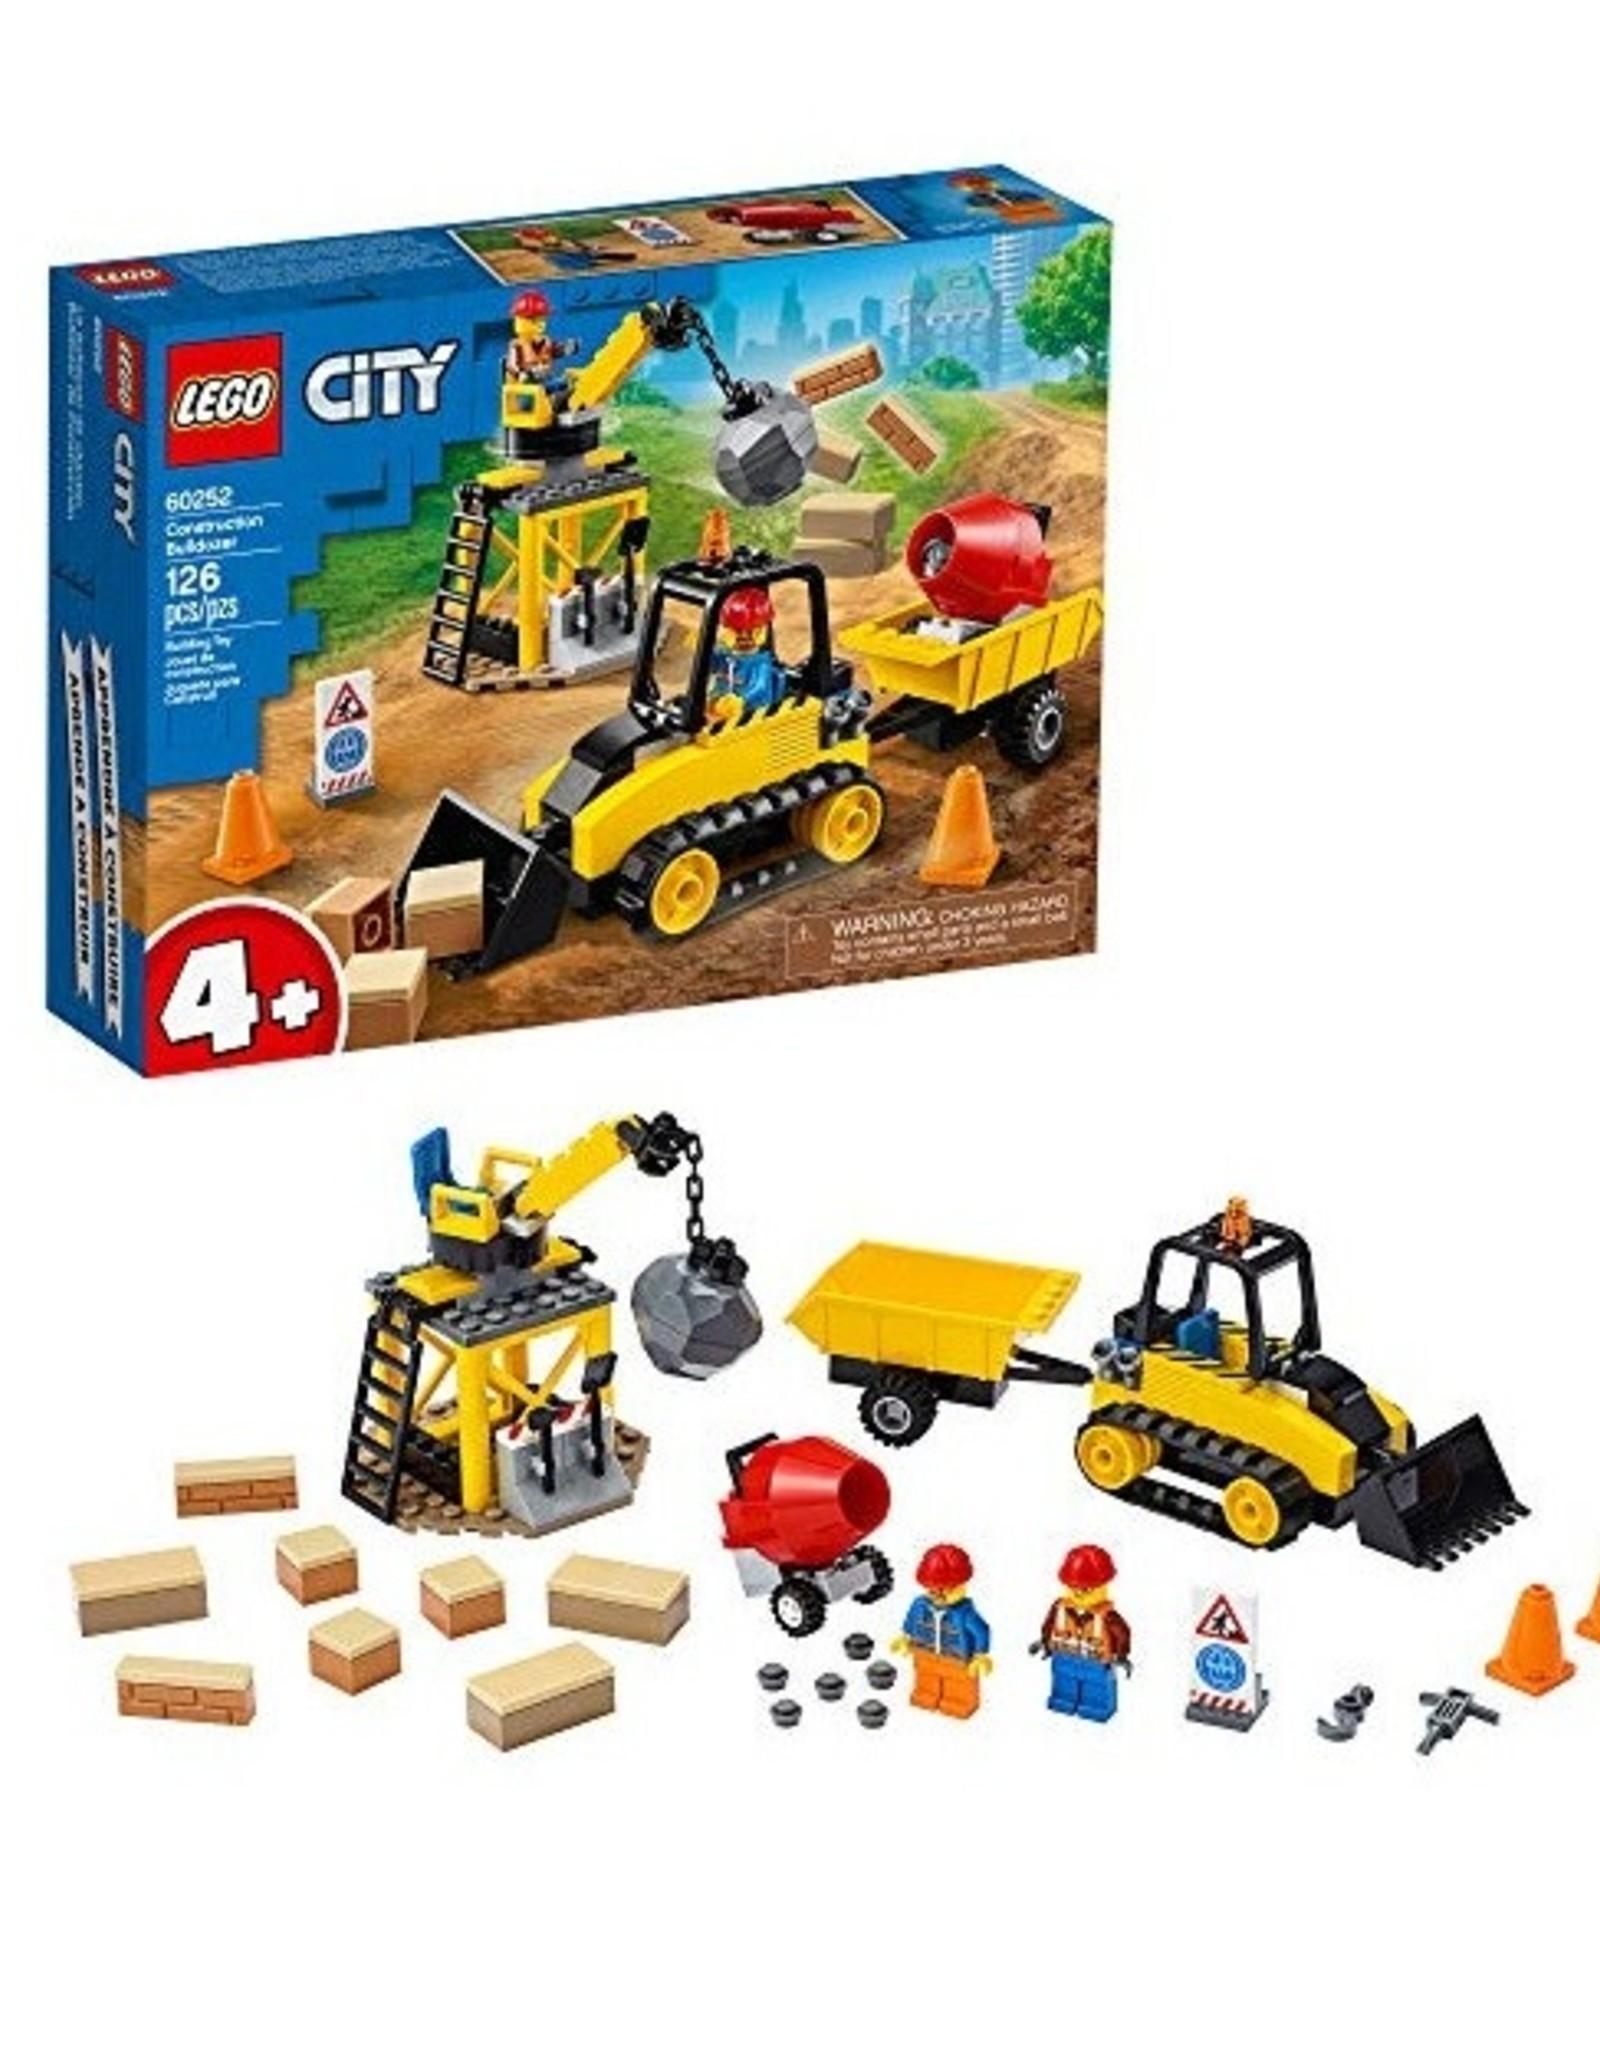 City: Town Construction Bulldozer